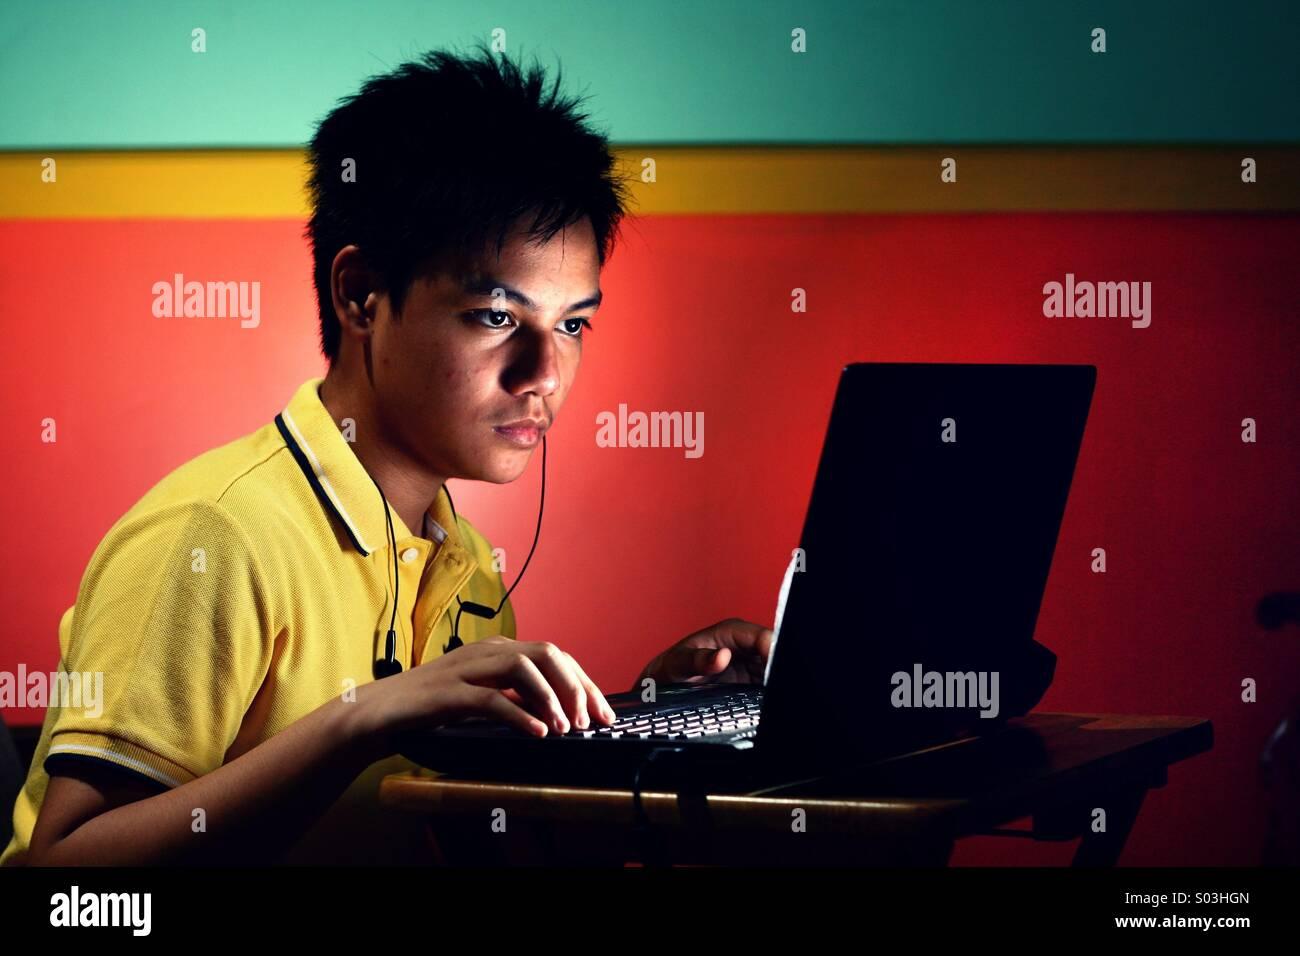 Muchacho adolescente asiática trabajando o estudiando en un ordenador portátil Imagen De Stock